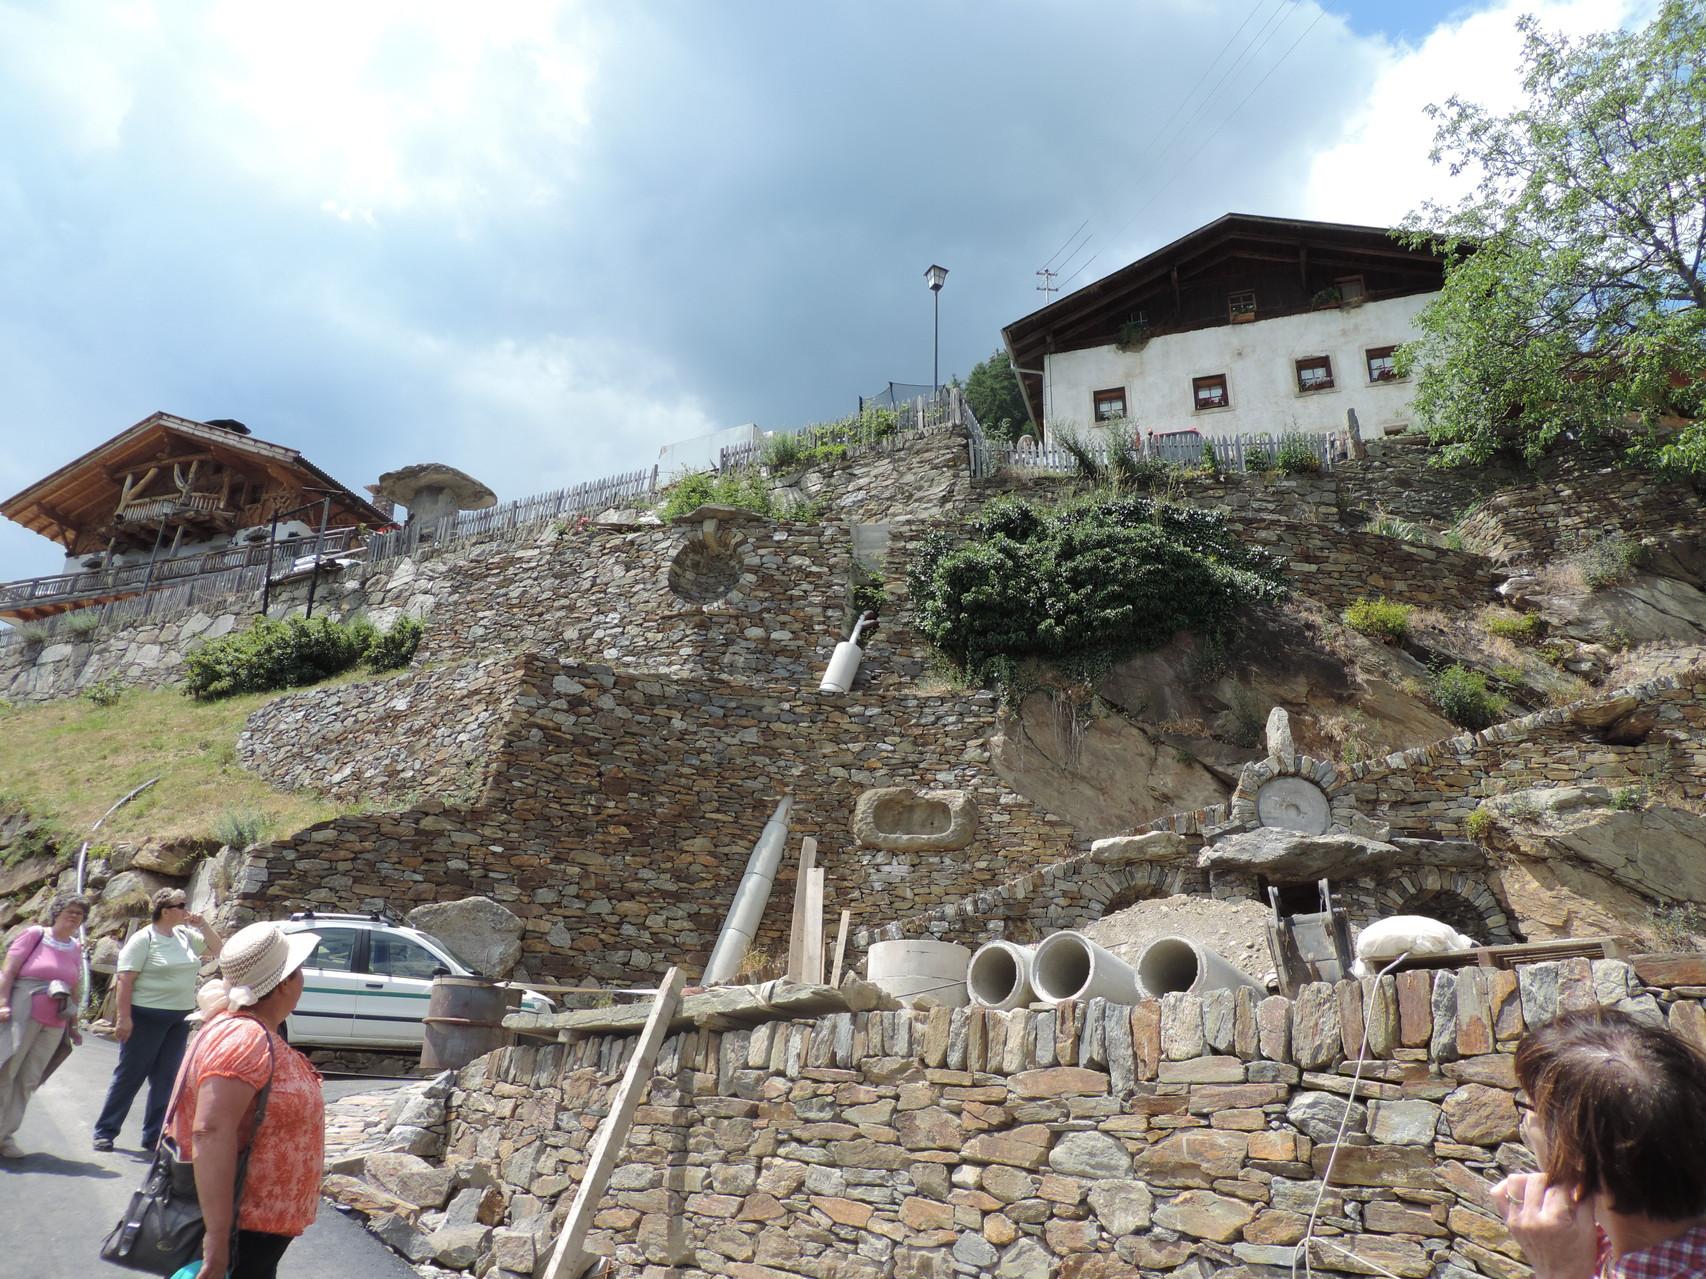 hier sind die Steine aus der Höhle schon verbaut